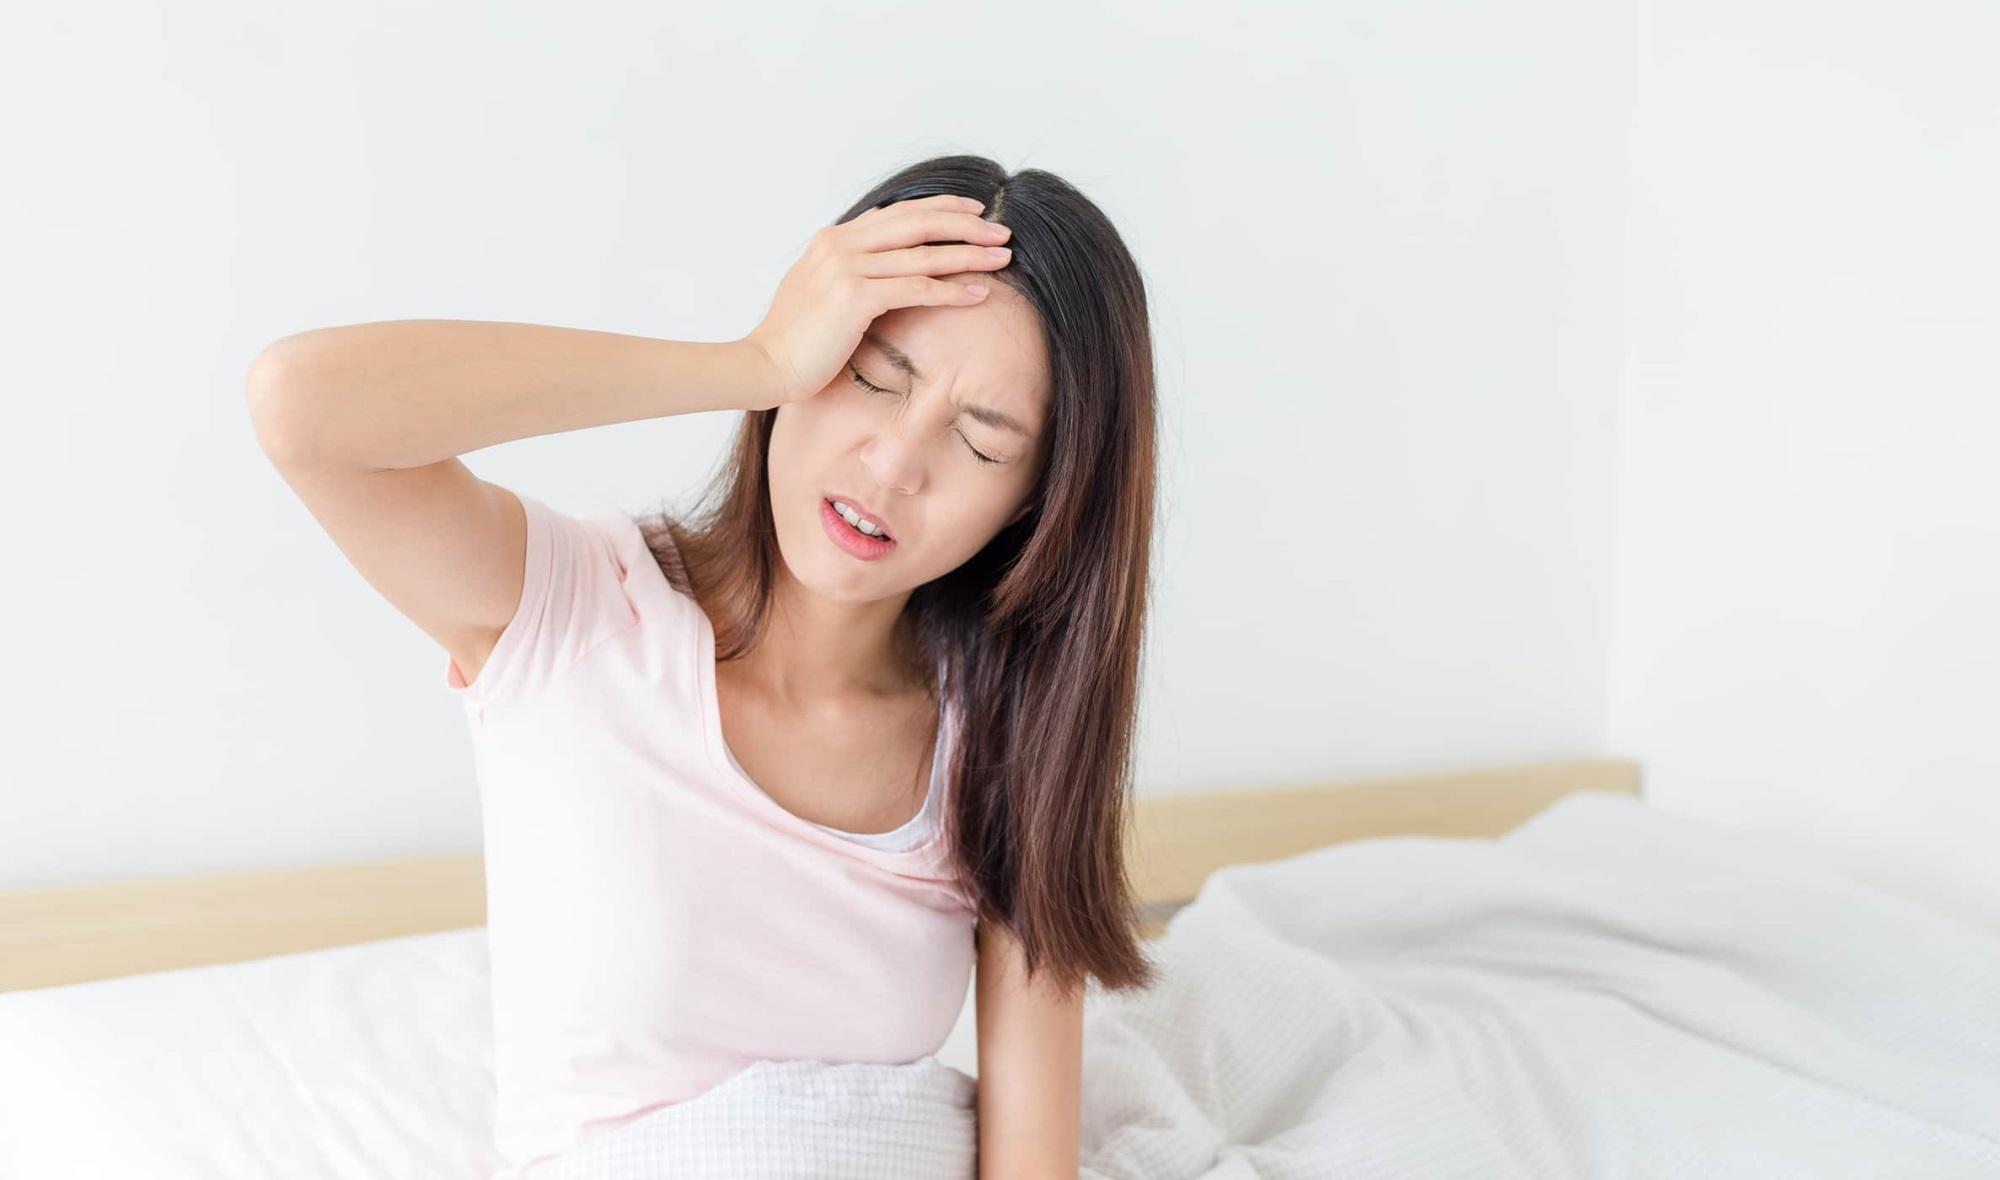 Thuốc hay chữa chứng đau đầu ở phụ nữ sau sinh - Ảnh 1